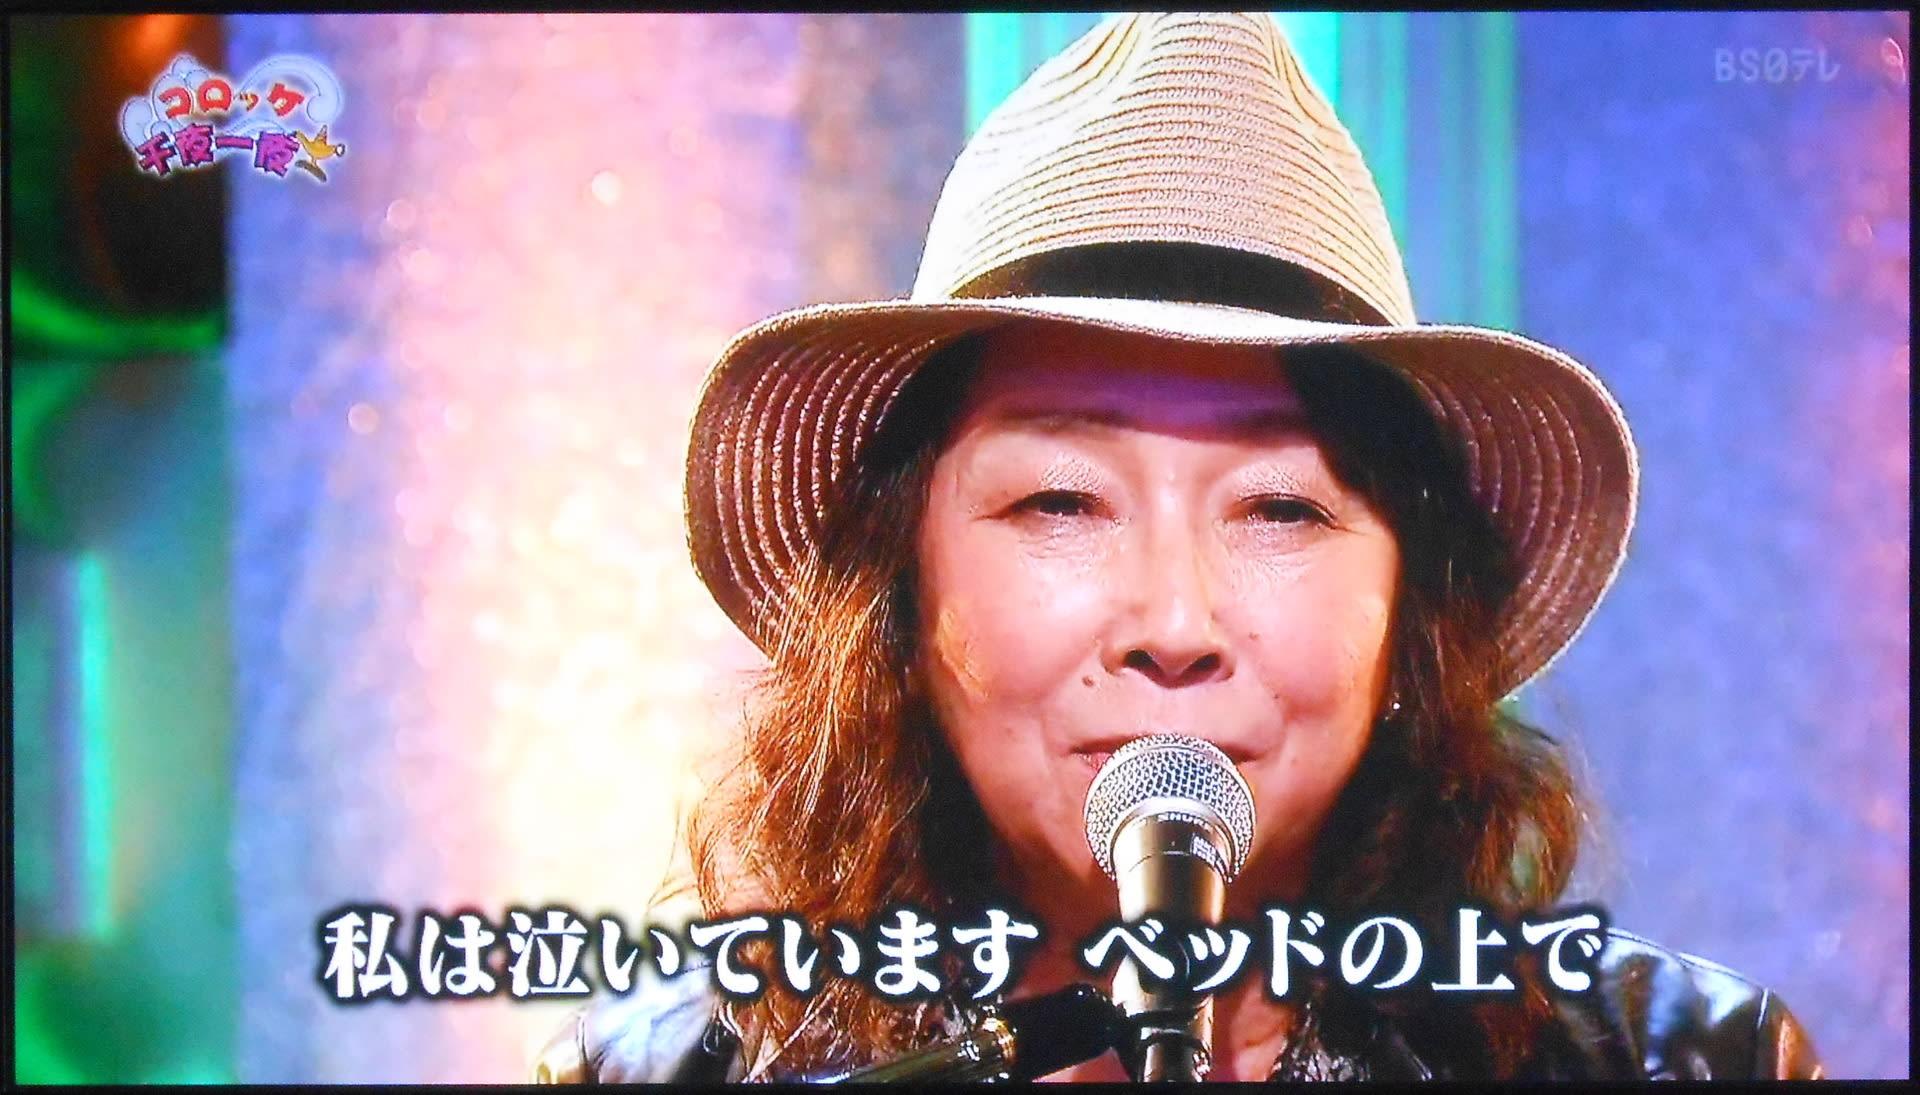 5月29日、リリィさんがBS日テレの「コロッケ千夜一夜」に出演されました。 番組では「私は泣いています」を披露するとともに、この歌の経緯なども語っていました。